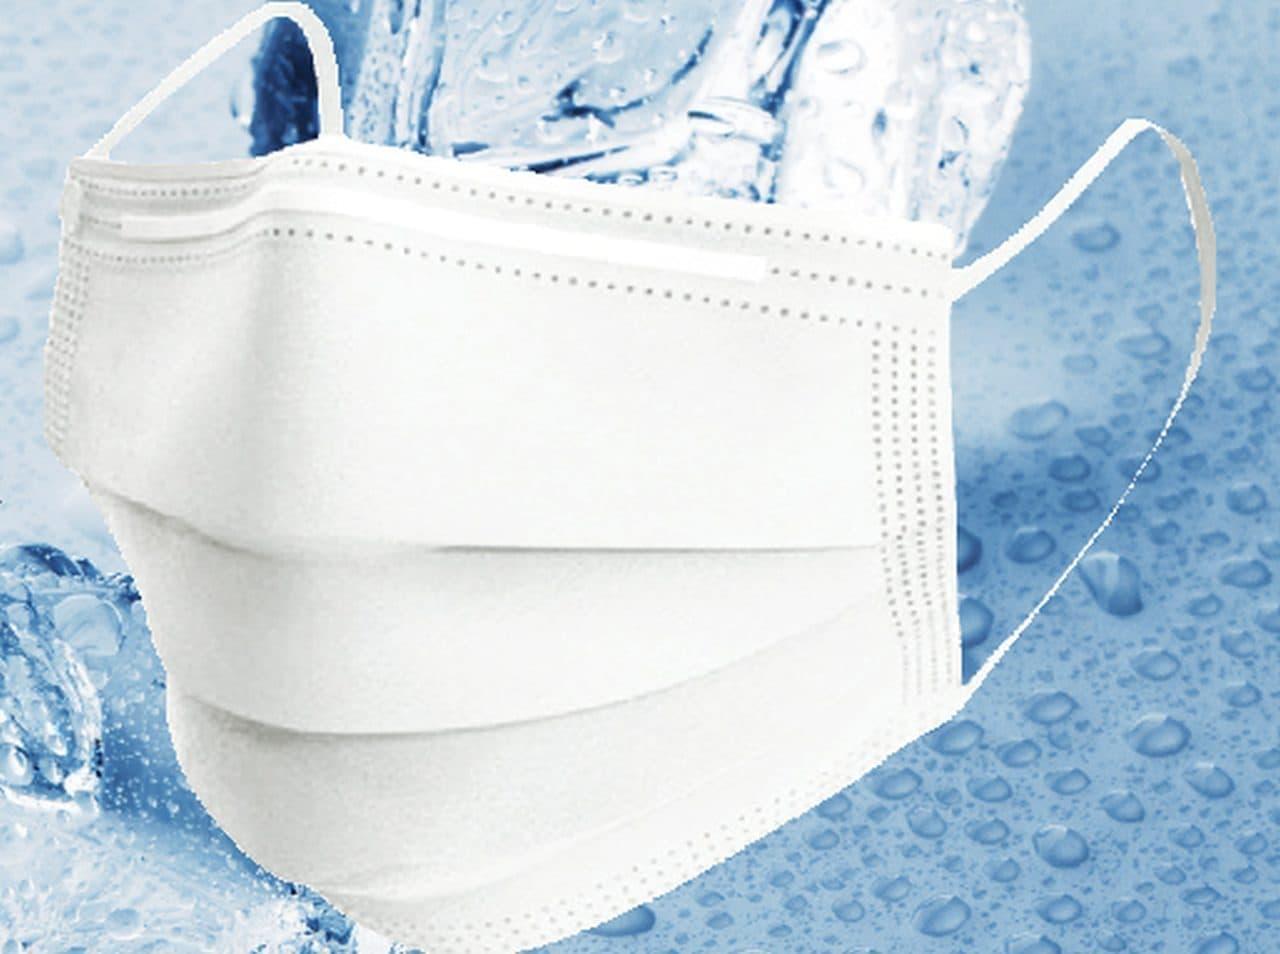 「超冷感 COLD MASK」シリーズに不織布マスク「-F Type-」 - 洗濯が面倒な人向けの使い捨て夏マスク